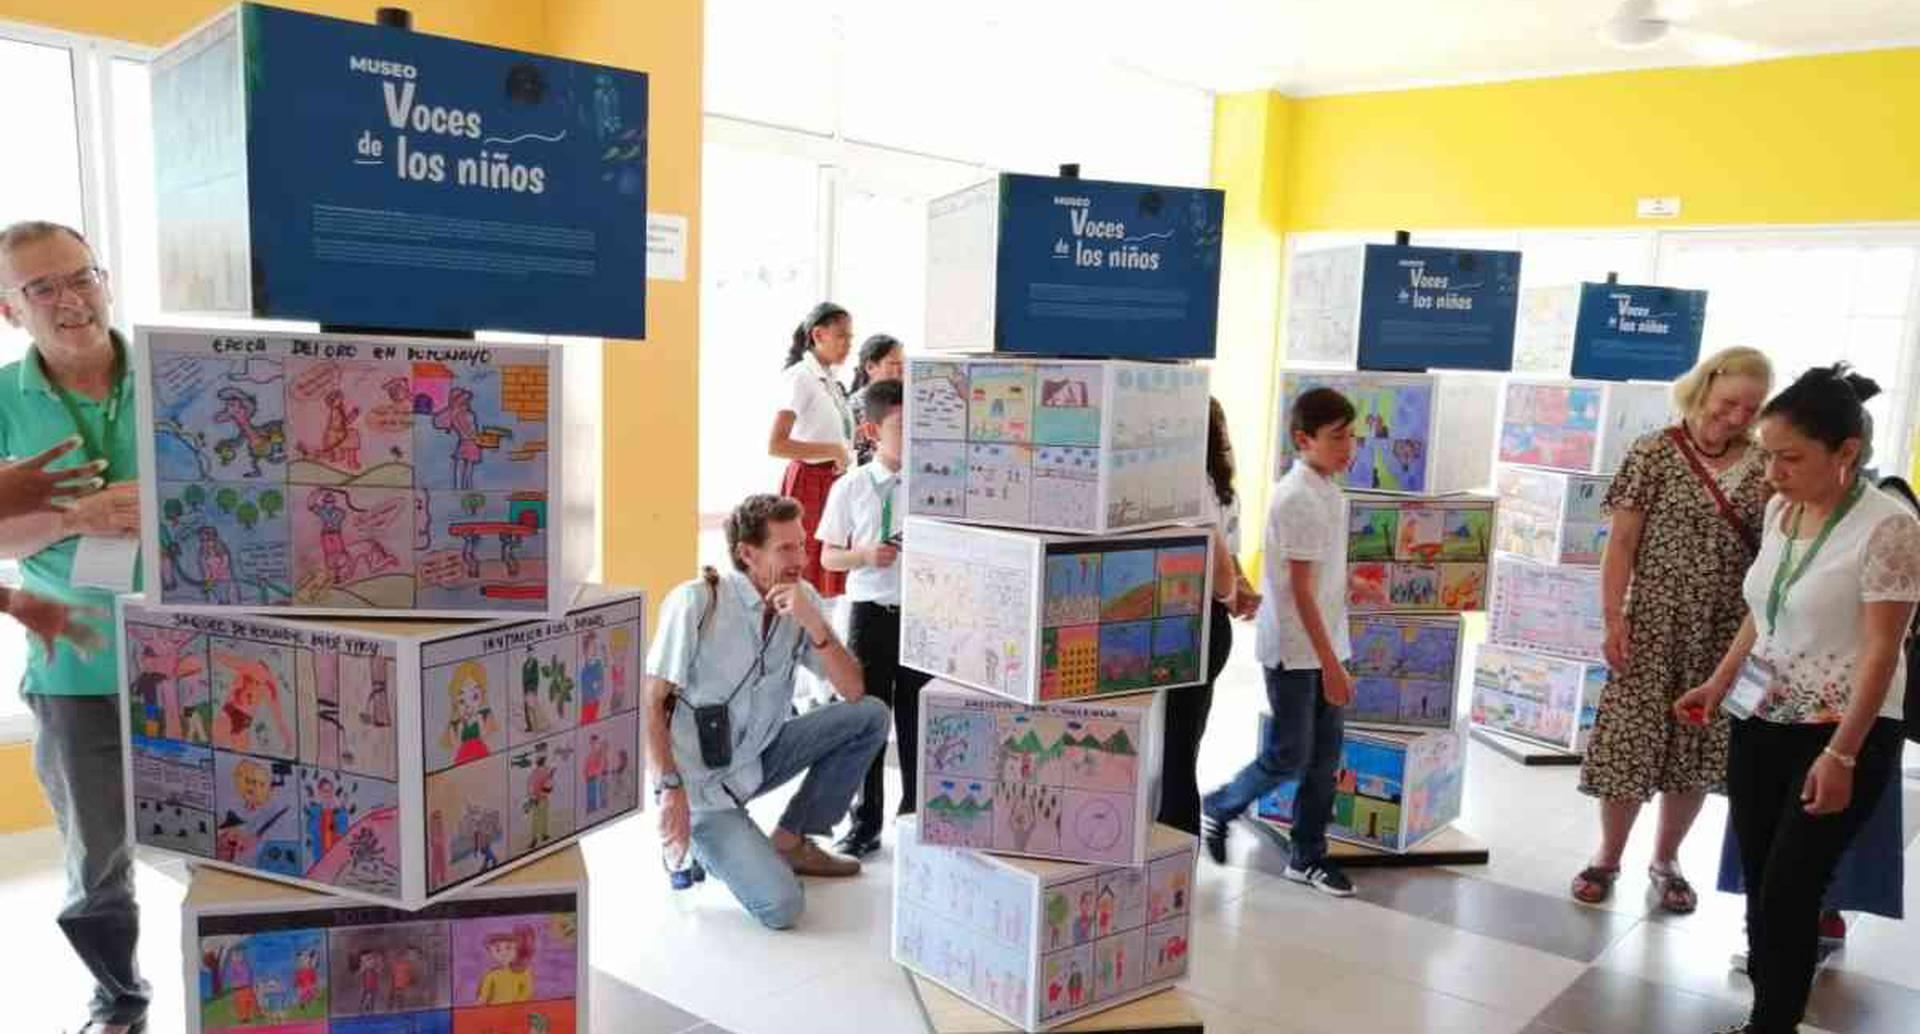 El museo itinerante 'Voces de los niños' reúne dibujos de cerca de 50 niños de Mocoa. Foto: Mauricio Ochoa Suárez/Semana